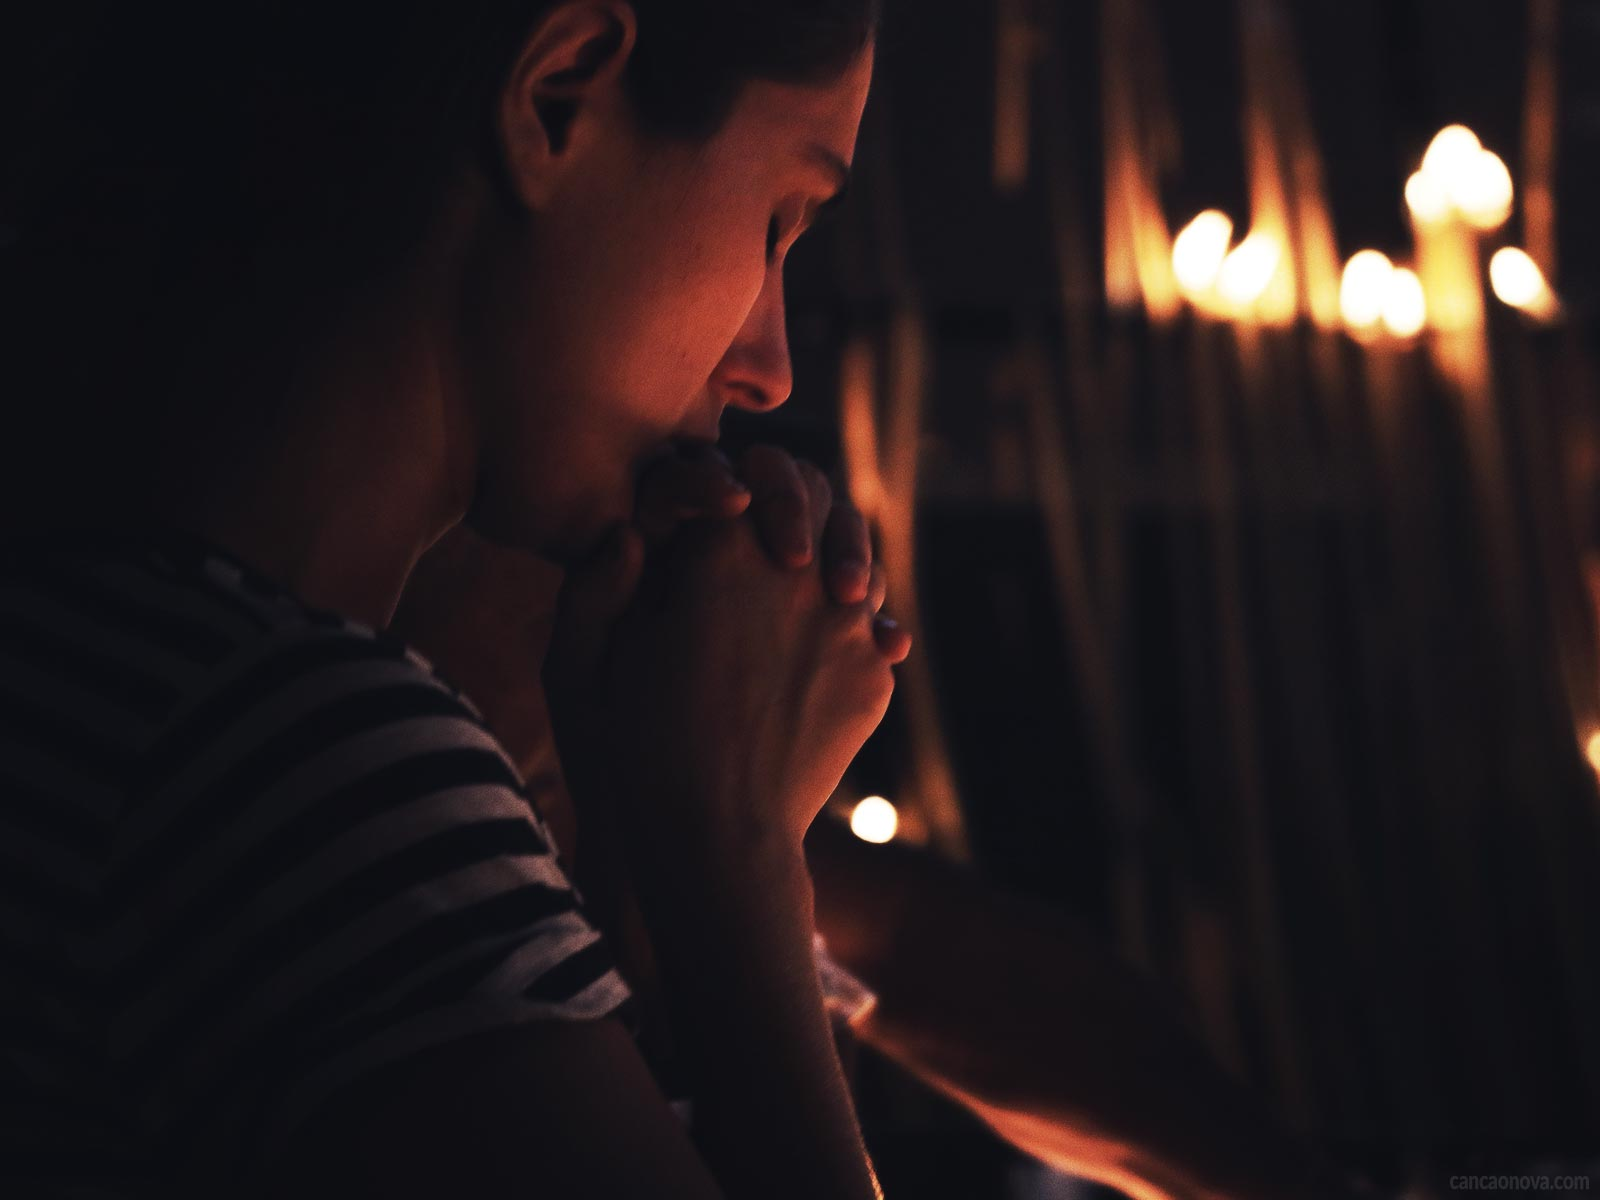 Dia Mundial da Religião: você tem feito a diferença no mundo?